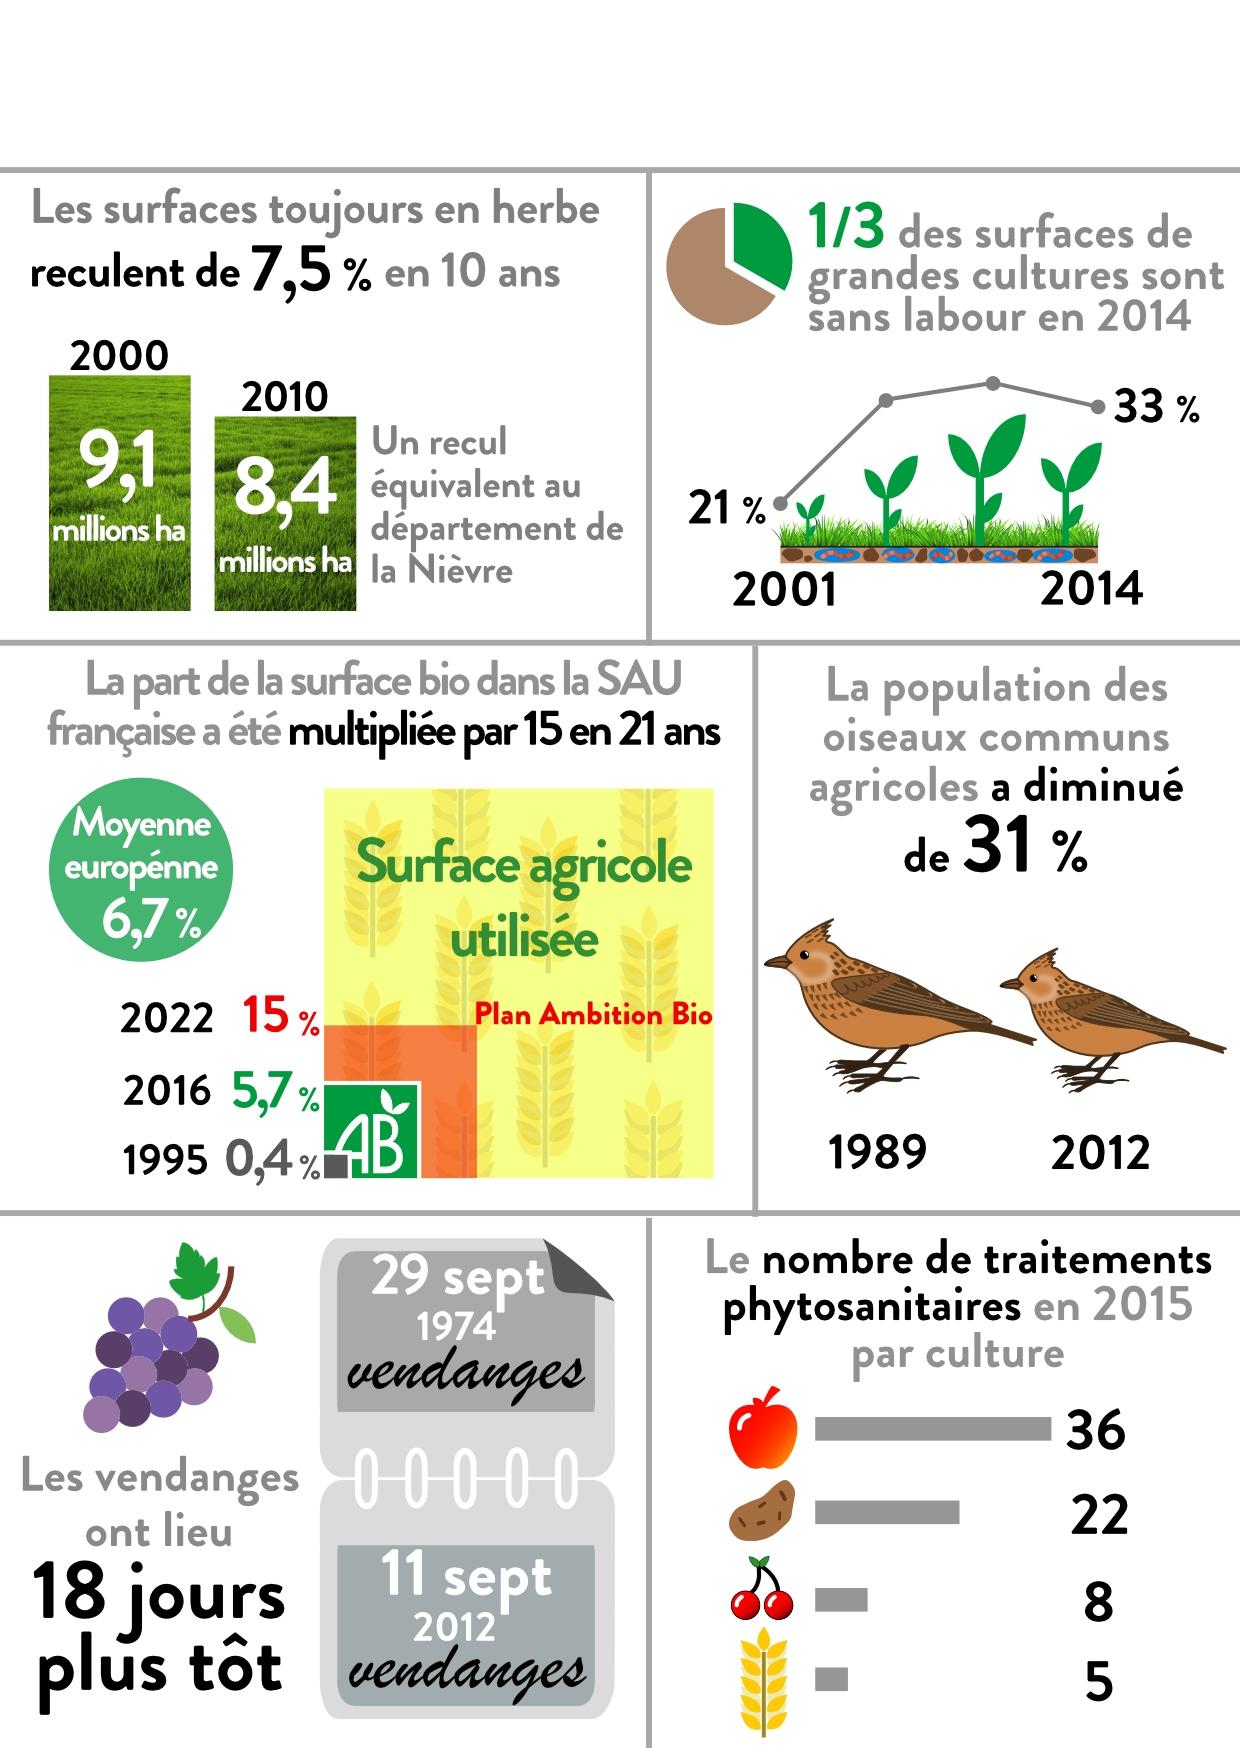 http://www.statistiques.developpement-durable.gouv.fr/fileadmin/documents/Accueil/Annonces/datalab-36-environnement-agriculture-les-cc-edition-2018-juin2018-Infographie.jpg